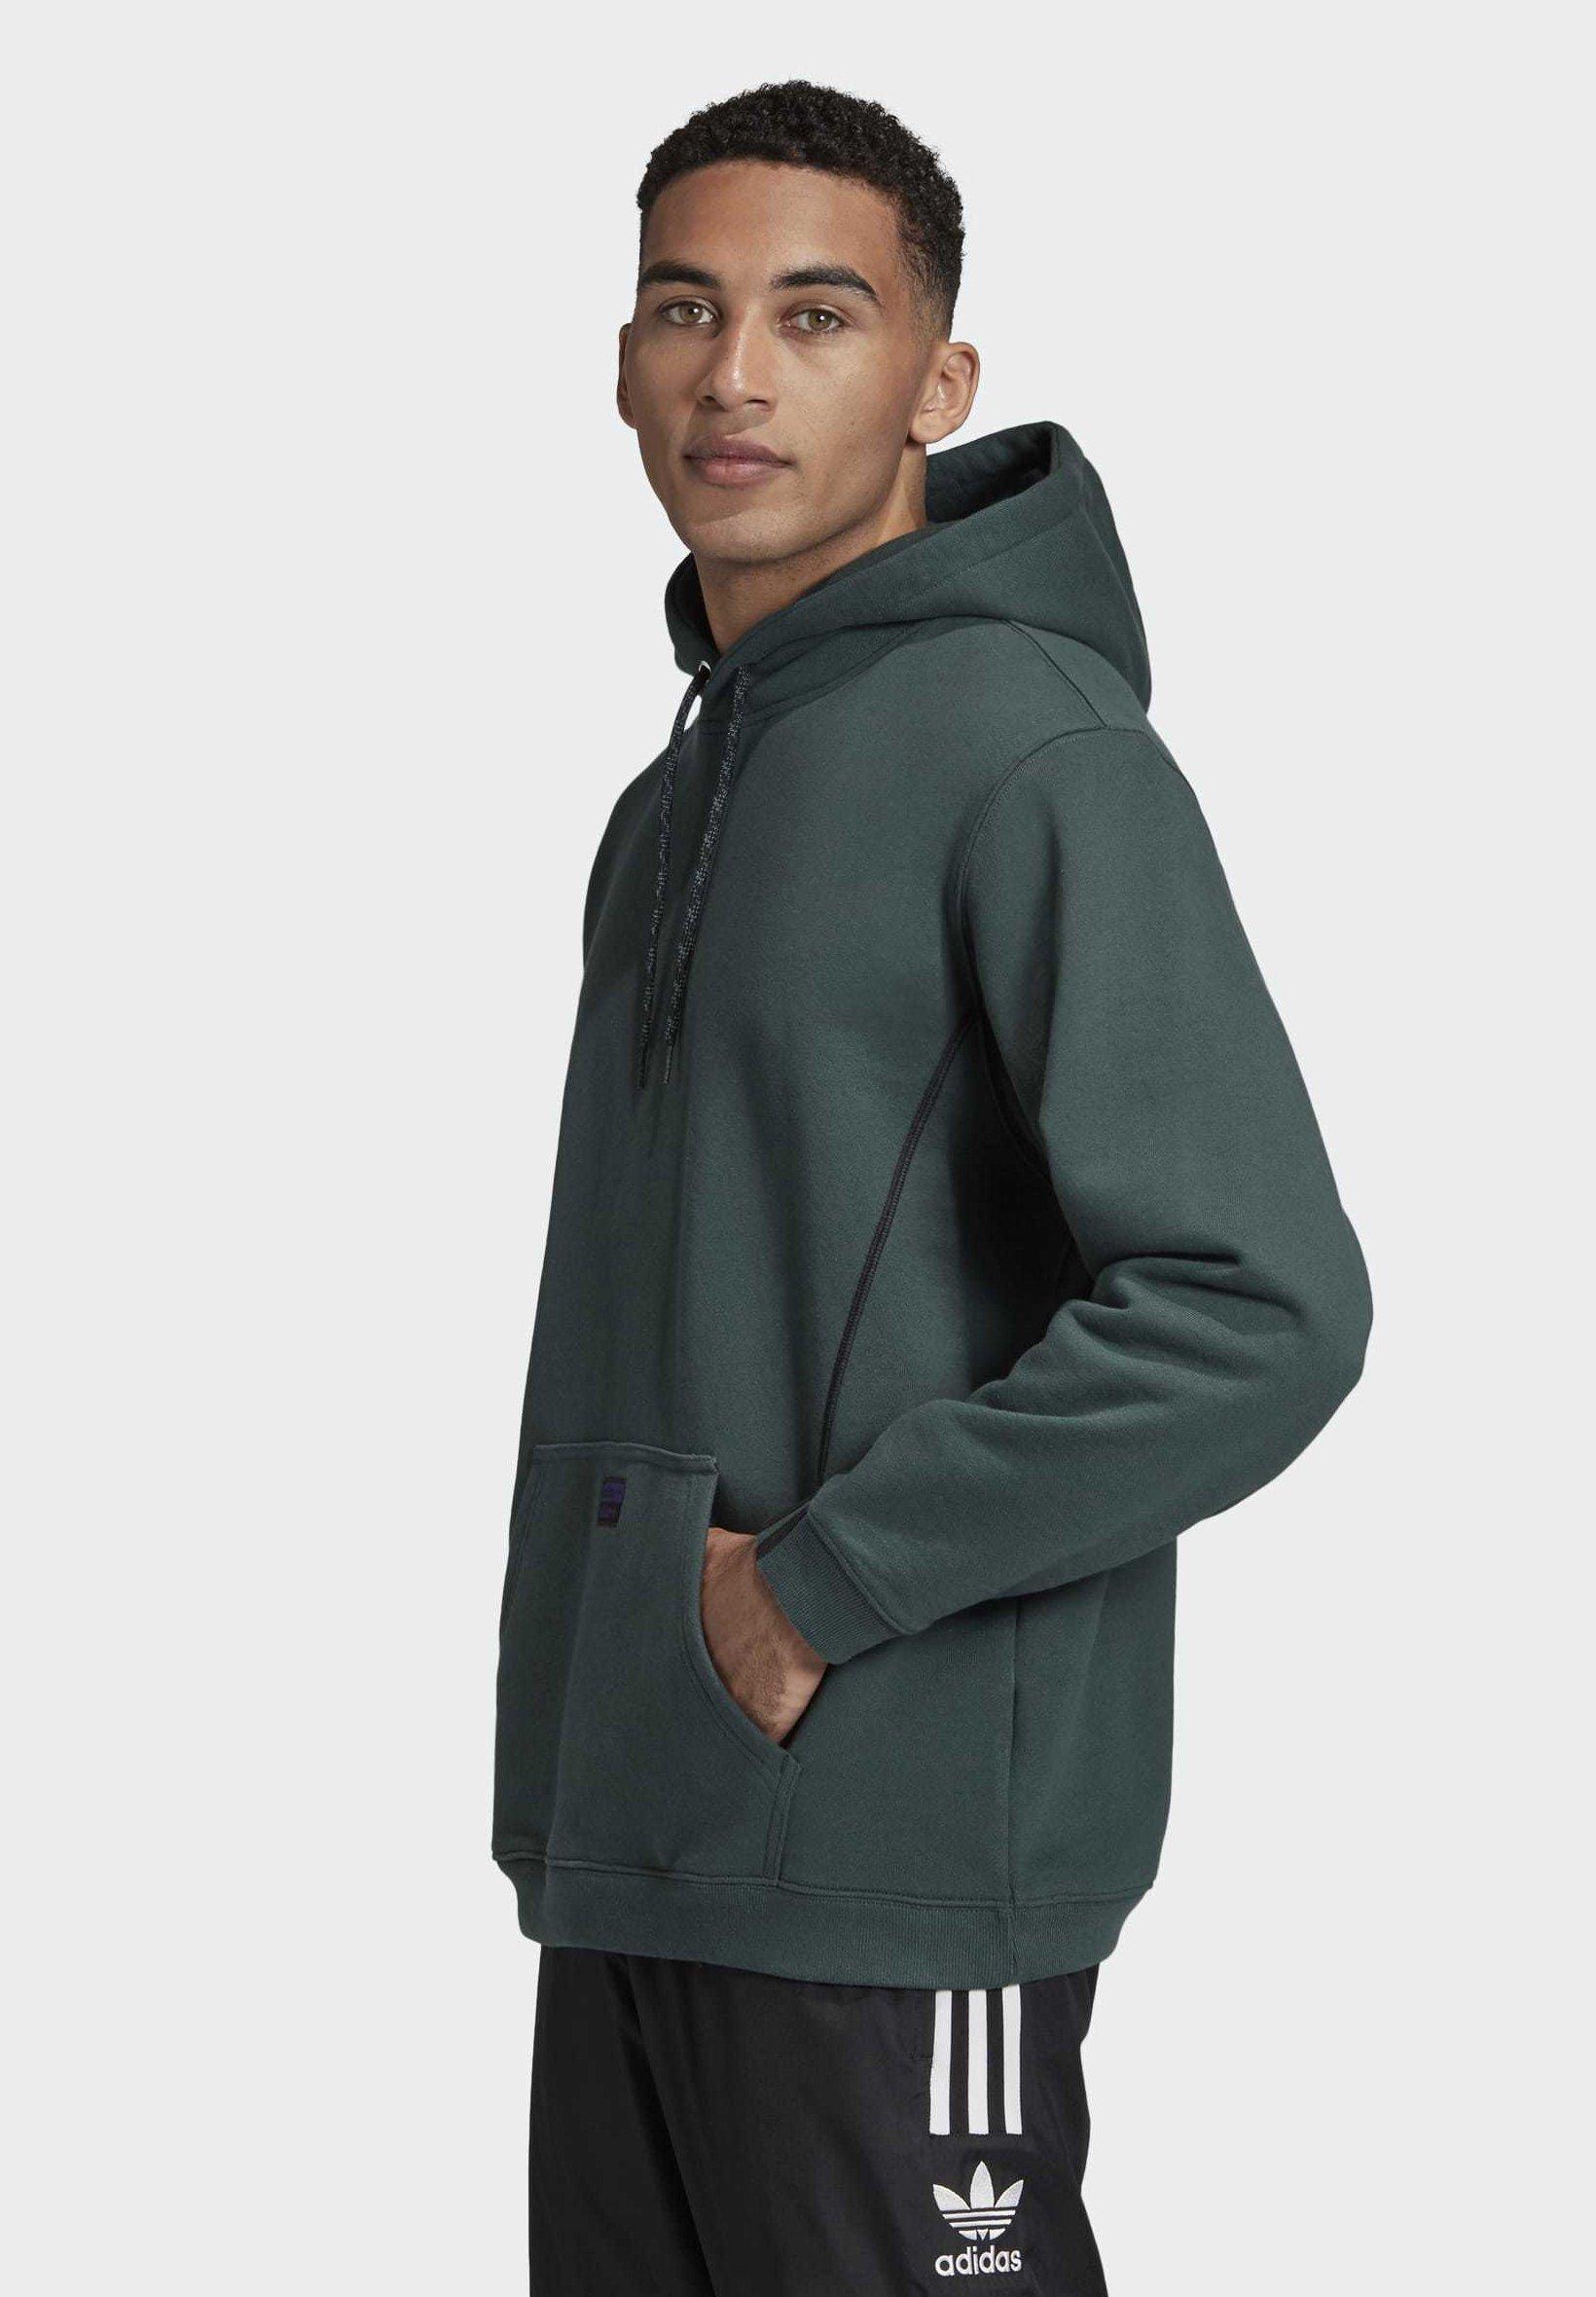 Adidas Originals R.y.v. Hoodie - Green/grønn